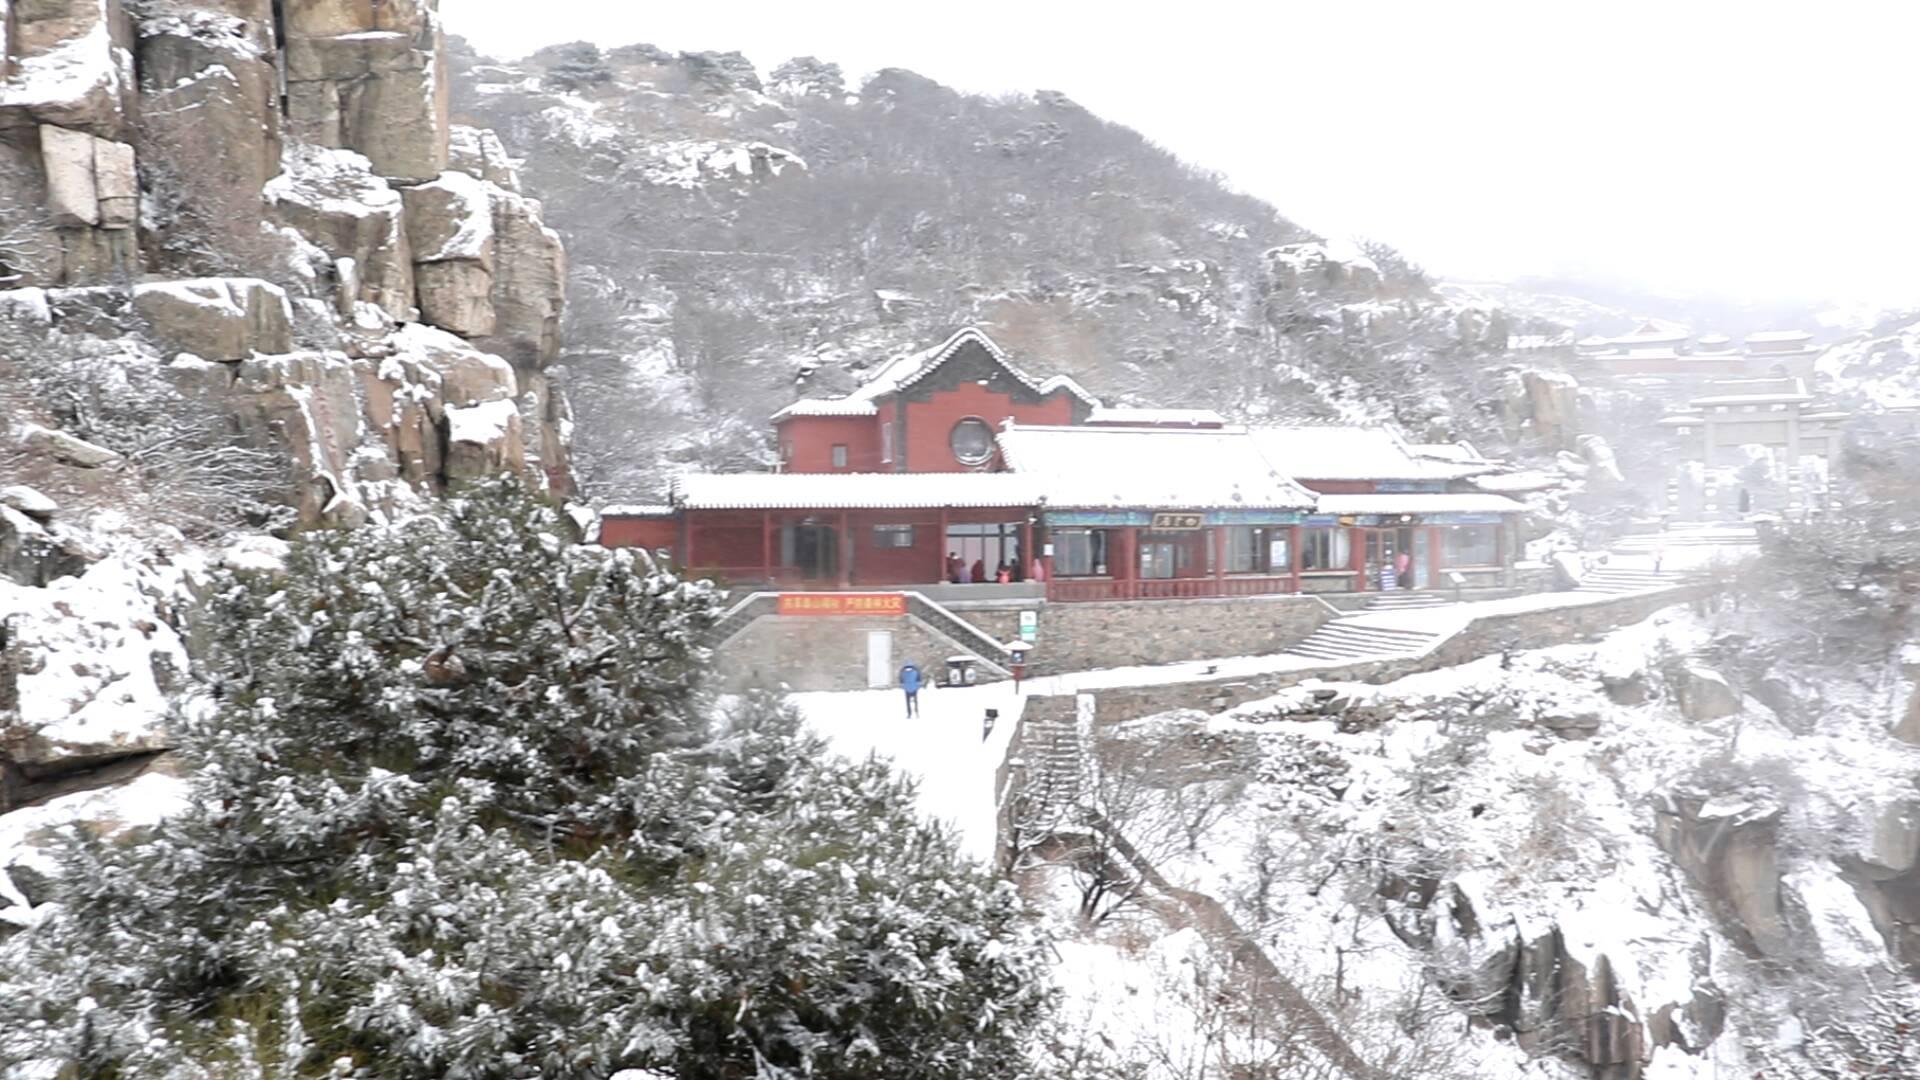 63秒丨山东多地迎今年入冬第一场雪 快来看看有没有你家